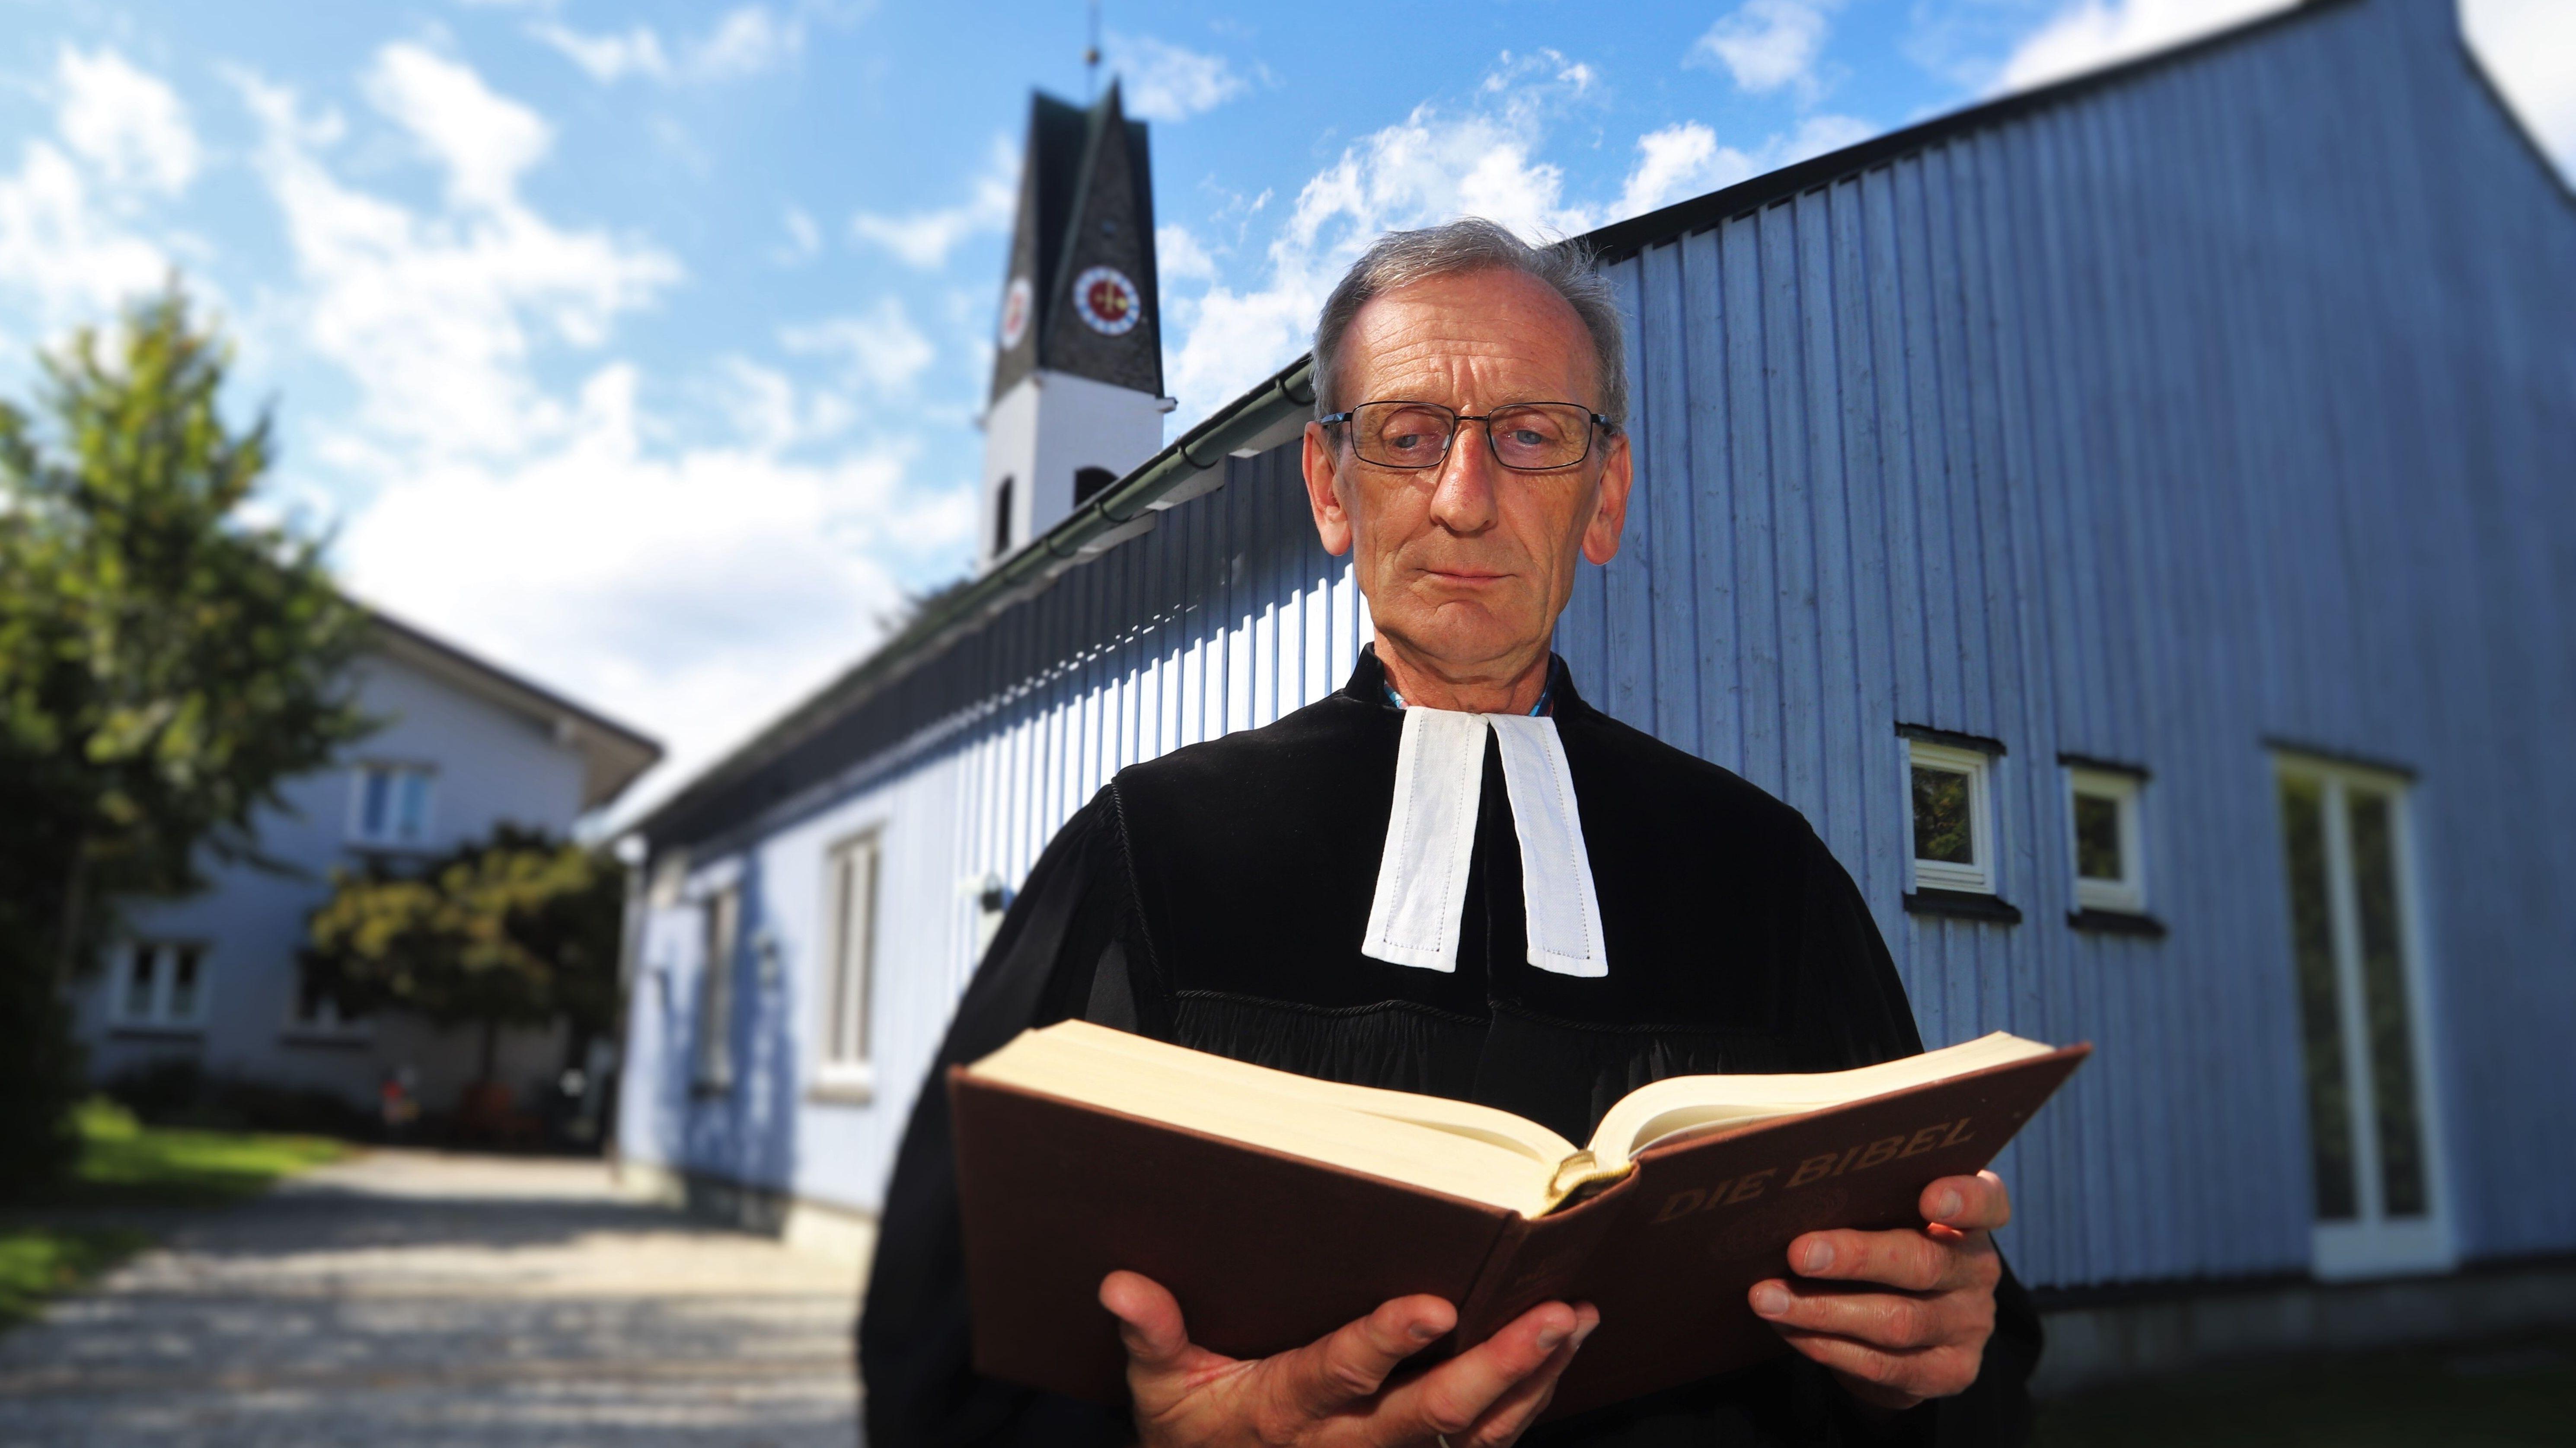 Pfarrer Ulrich Gampert mit aufgeschlagener Bibel in den Händen, im Hintergrund ist der Kirchturm der evangelischen Kirche in Immenstadt zu sehen.